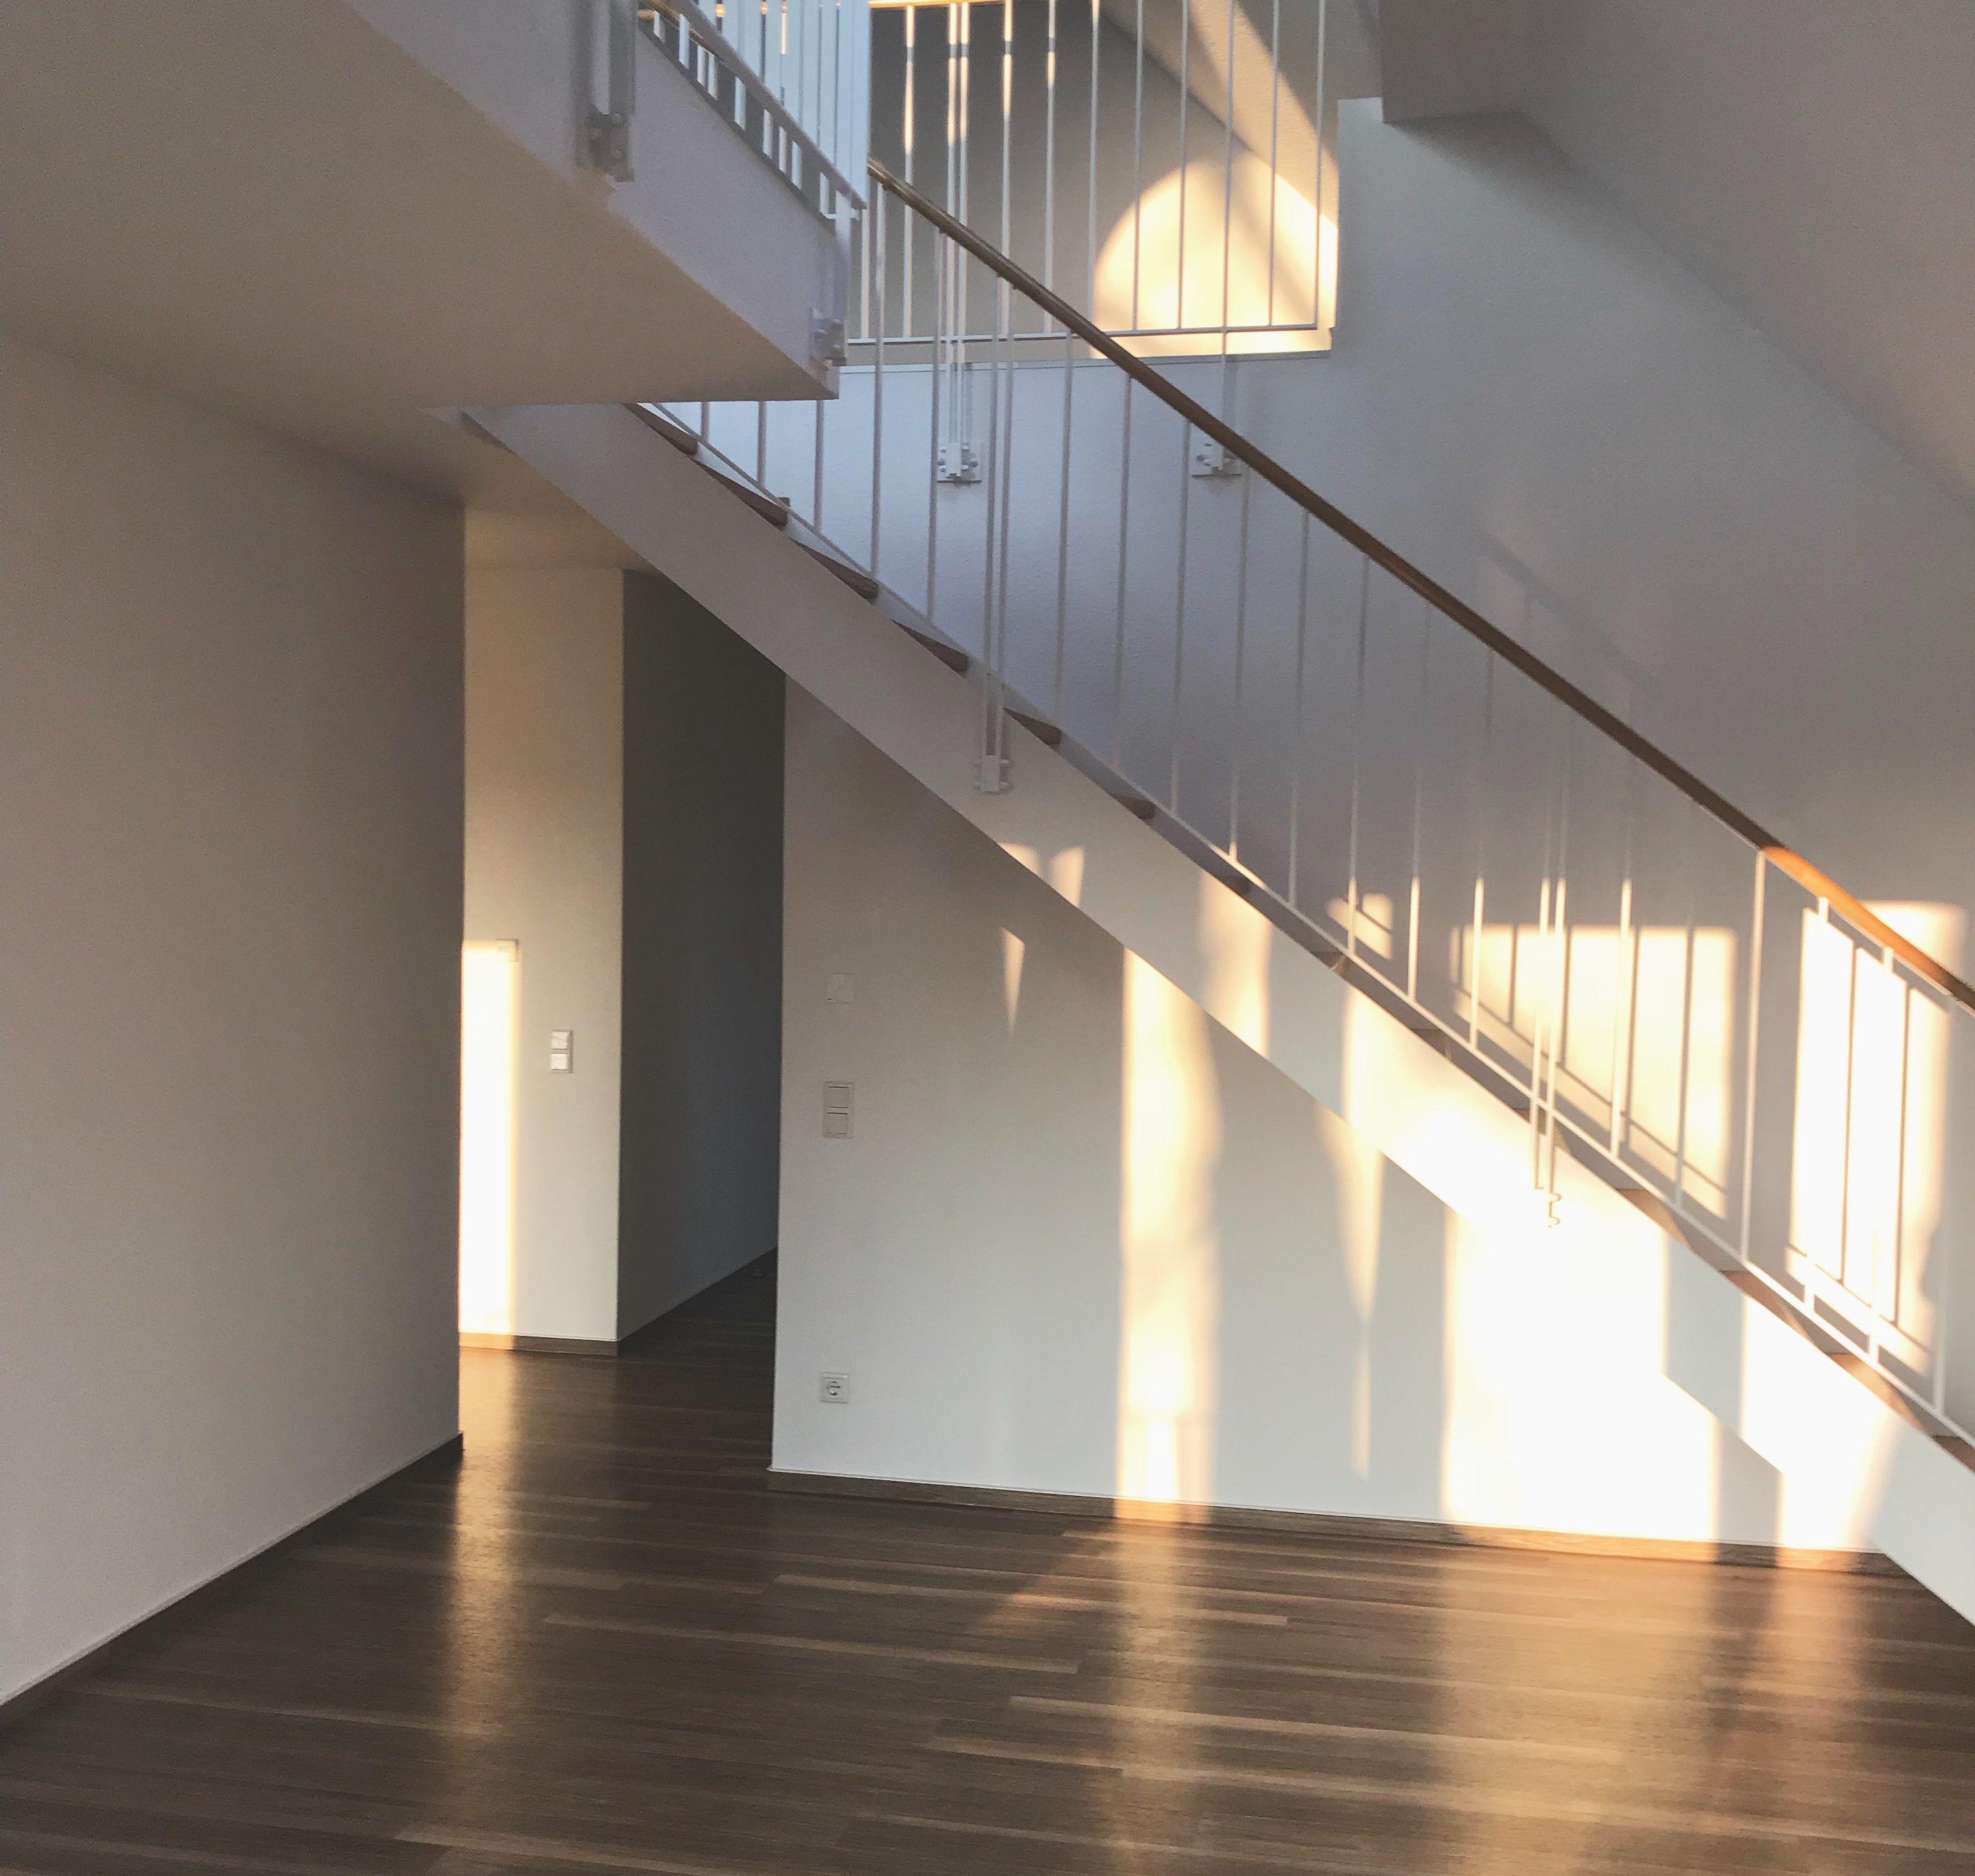 Heimlich still und leise bin habe ich mir eine neue Wohnung gesucht und bin dann von Bielefeld nach Osnabrück gezogen. Nun gilt es aus der neuen Wohnung ein Zuhause zu machen. Was ich mir hierfür vorstelle, erfahrt ihr hier. Enjoy!